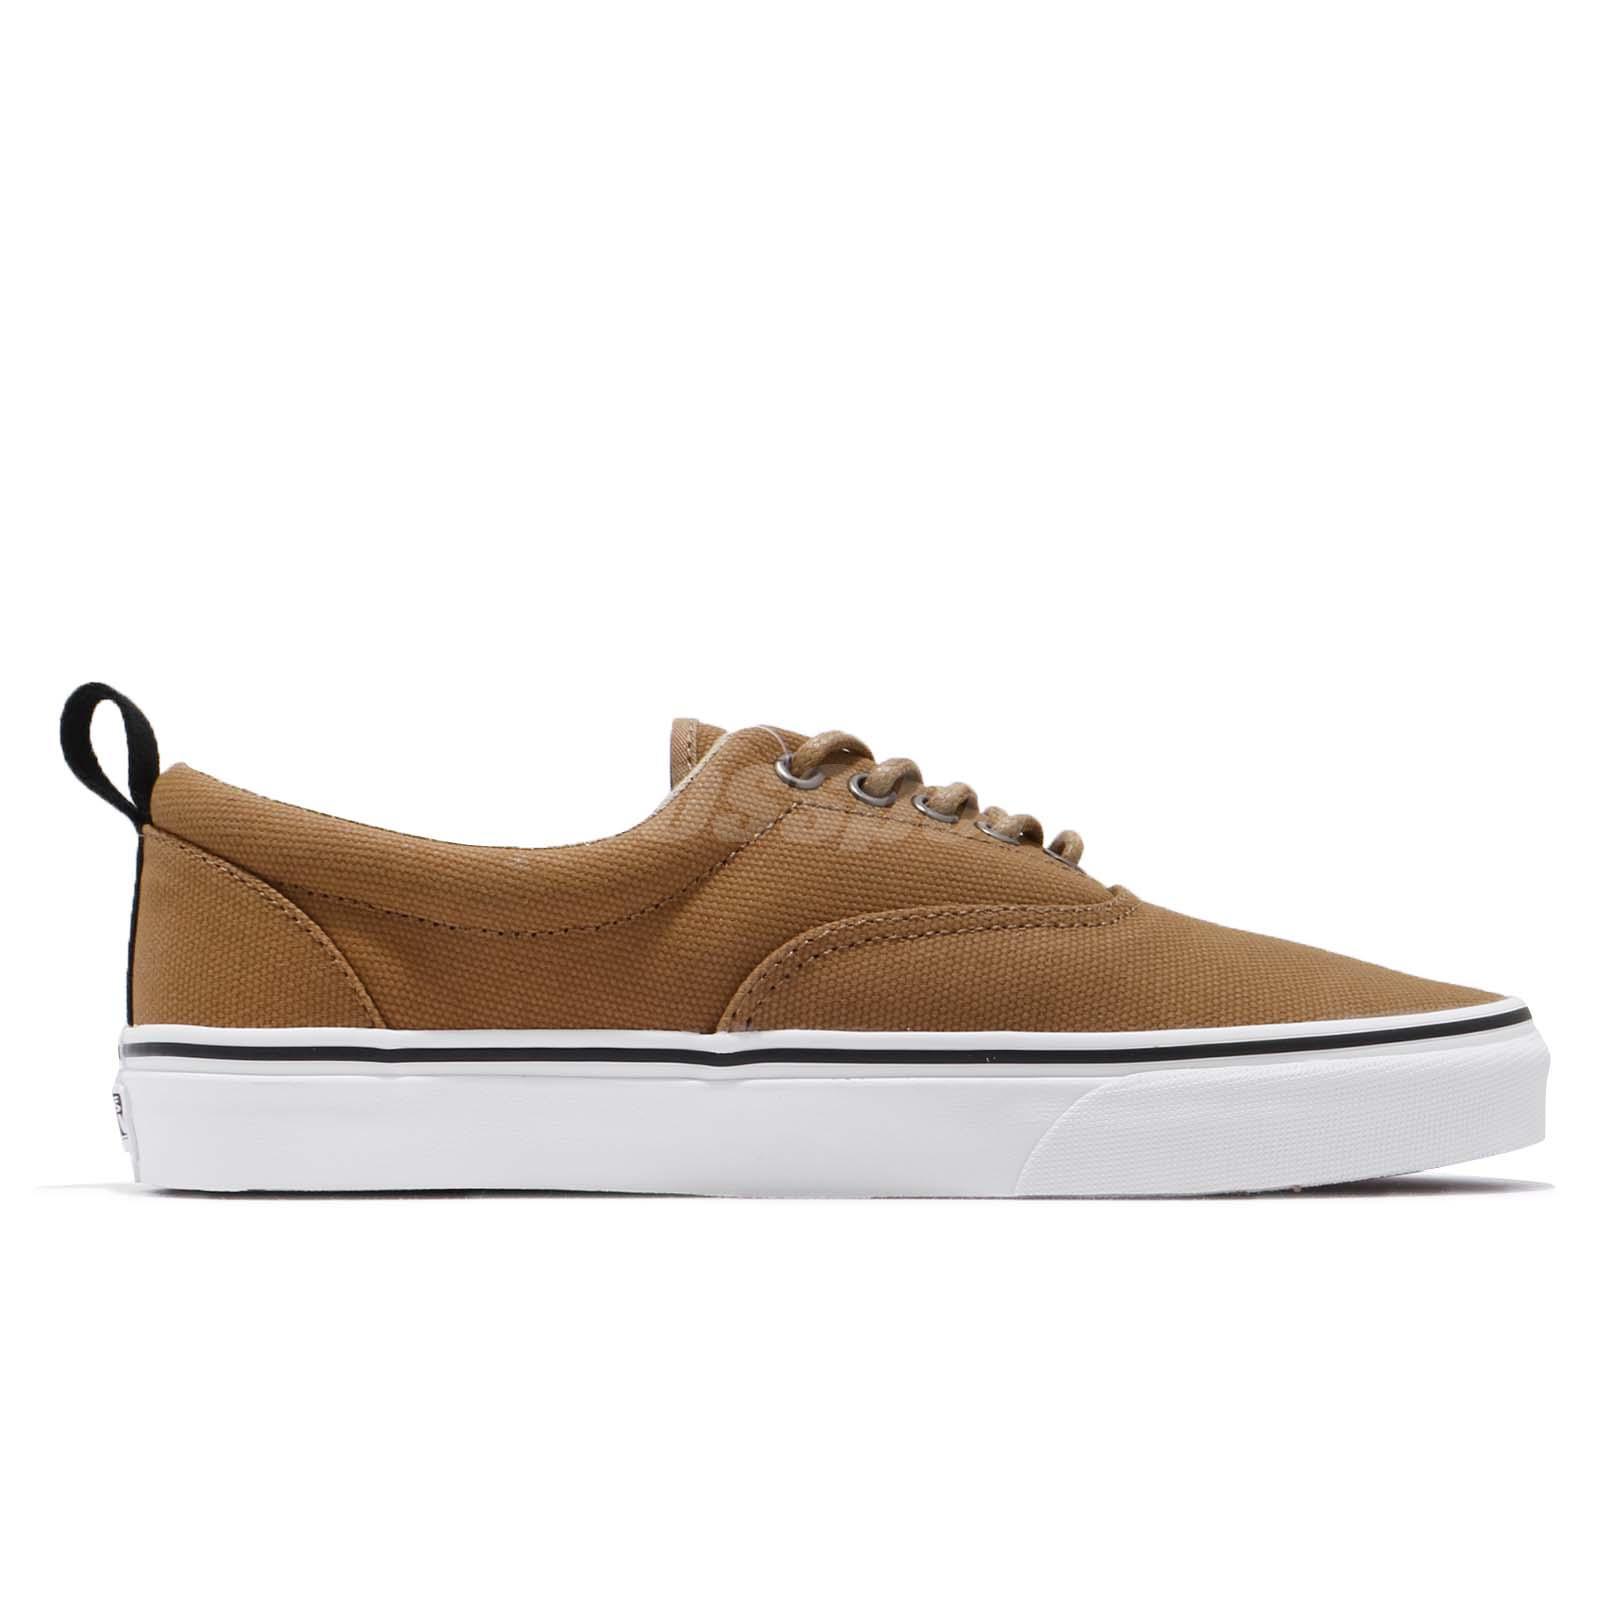 Zapatos De Mostrar Era Casual 62010239 Militar Blanco Detalles Monopatín Original Negro Acerca Título Marrón Vans Pt Hombre 7gvfyYb6